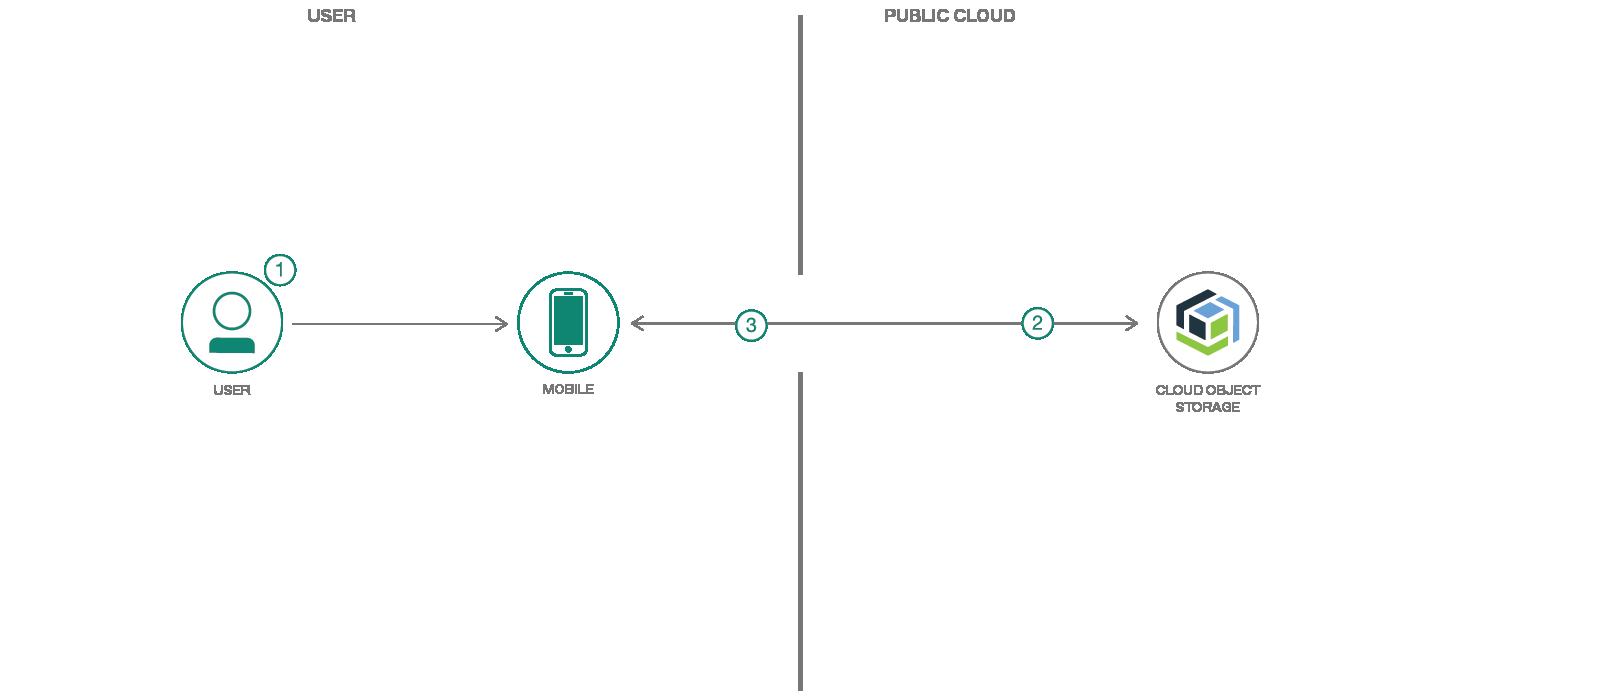 cloud object storage architecture flow diagram